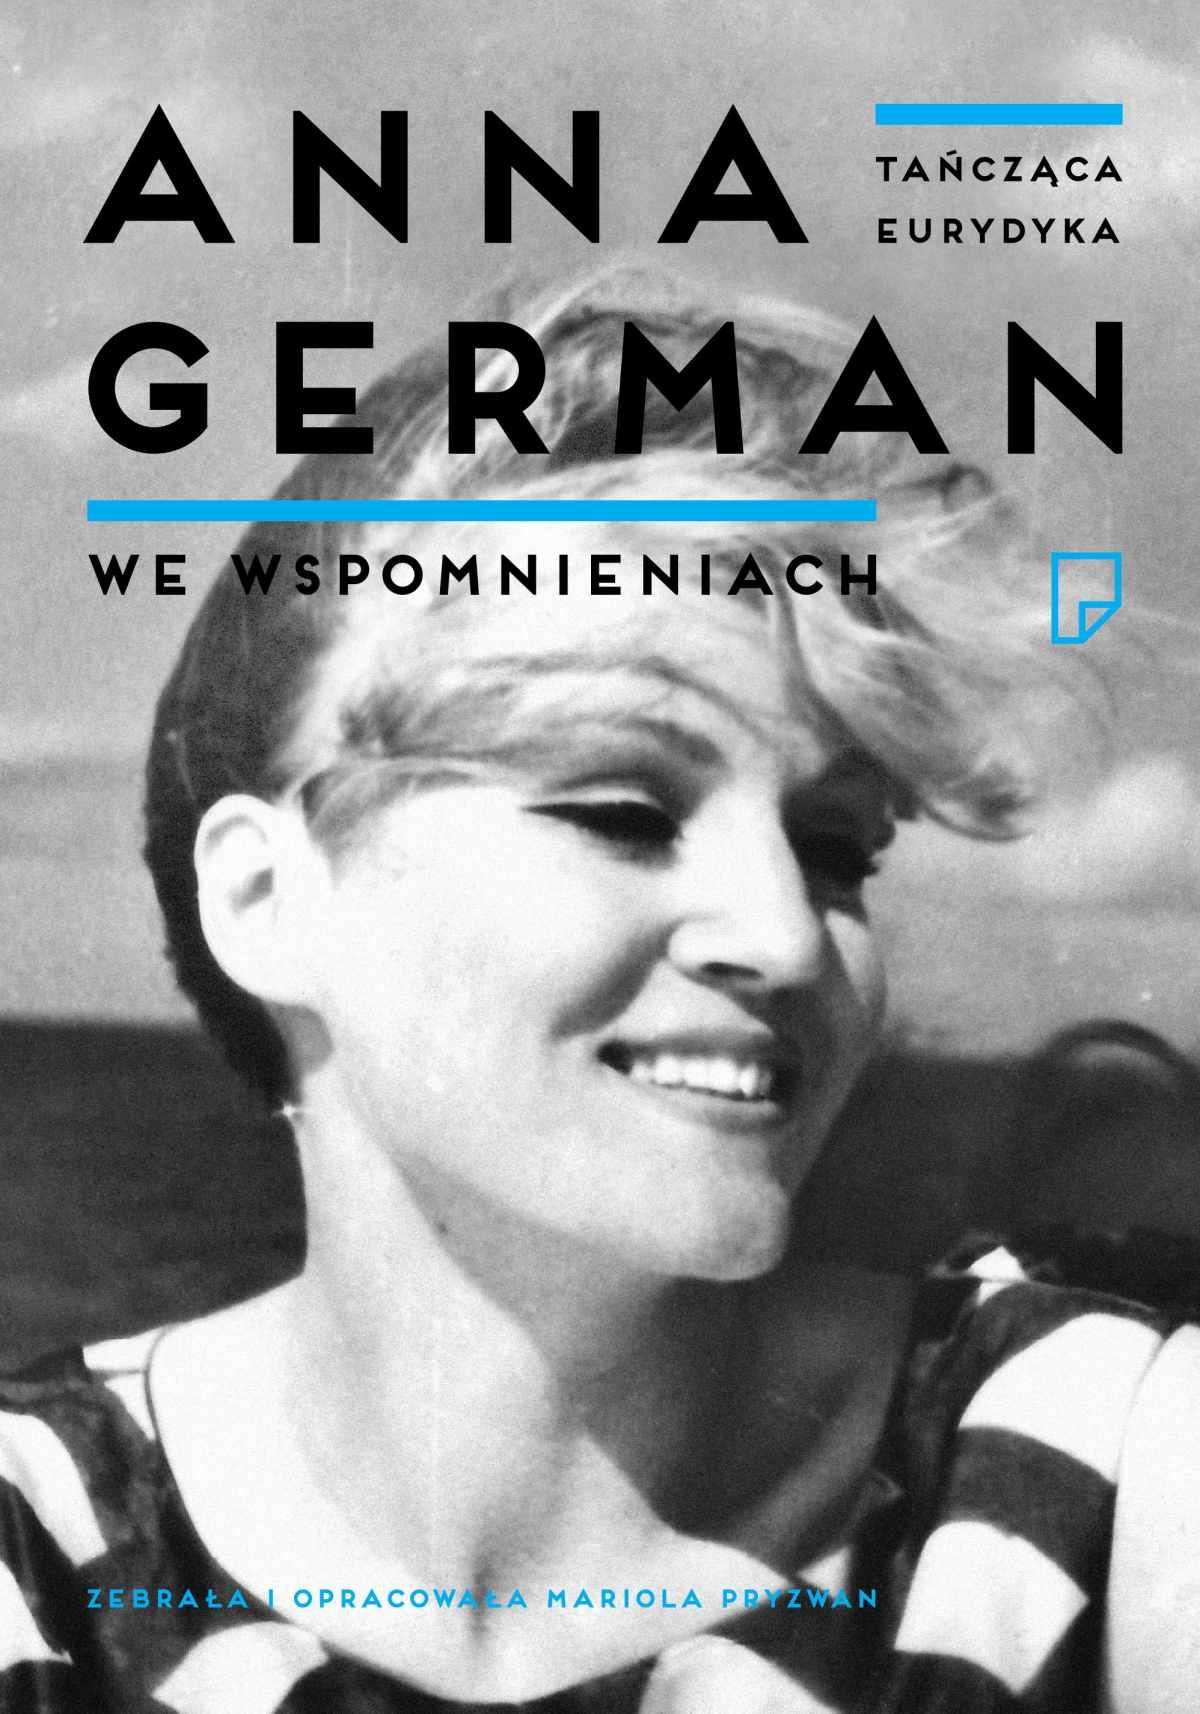 Tańcząca Eurydyka. Anna German we wspomnieniach - Ebook (Książka EPUB) do pobrania w formacie EPUB